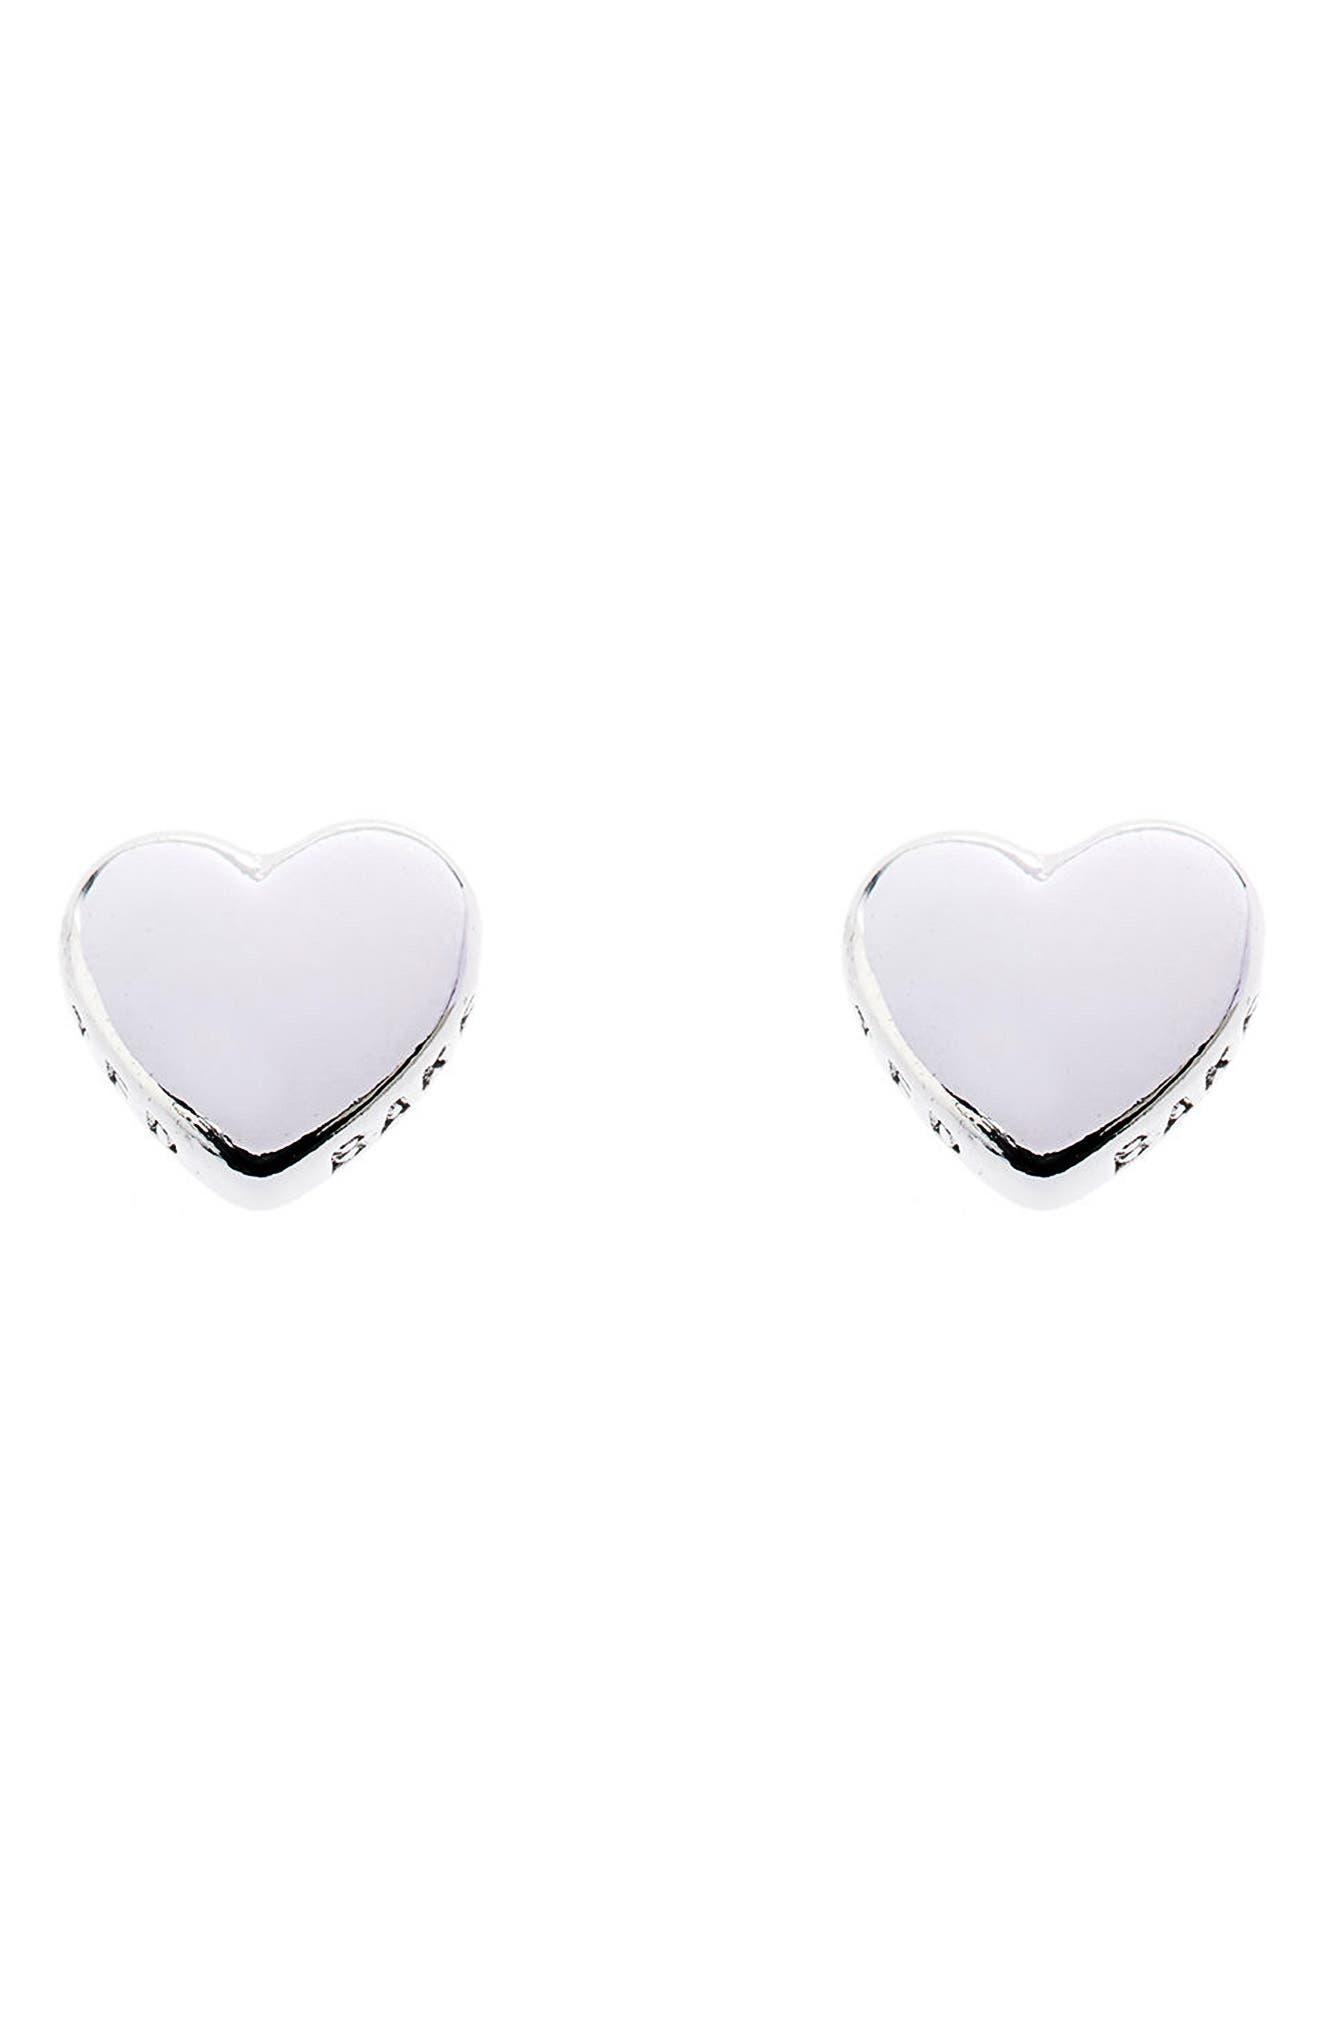 Sweetheart Stud Earrings,                             Main thumbnail 1, color,                             040